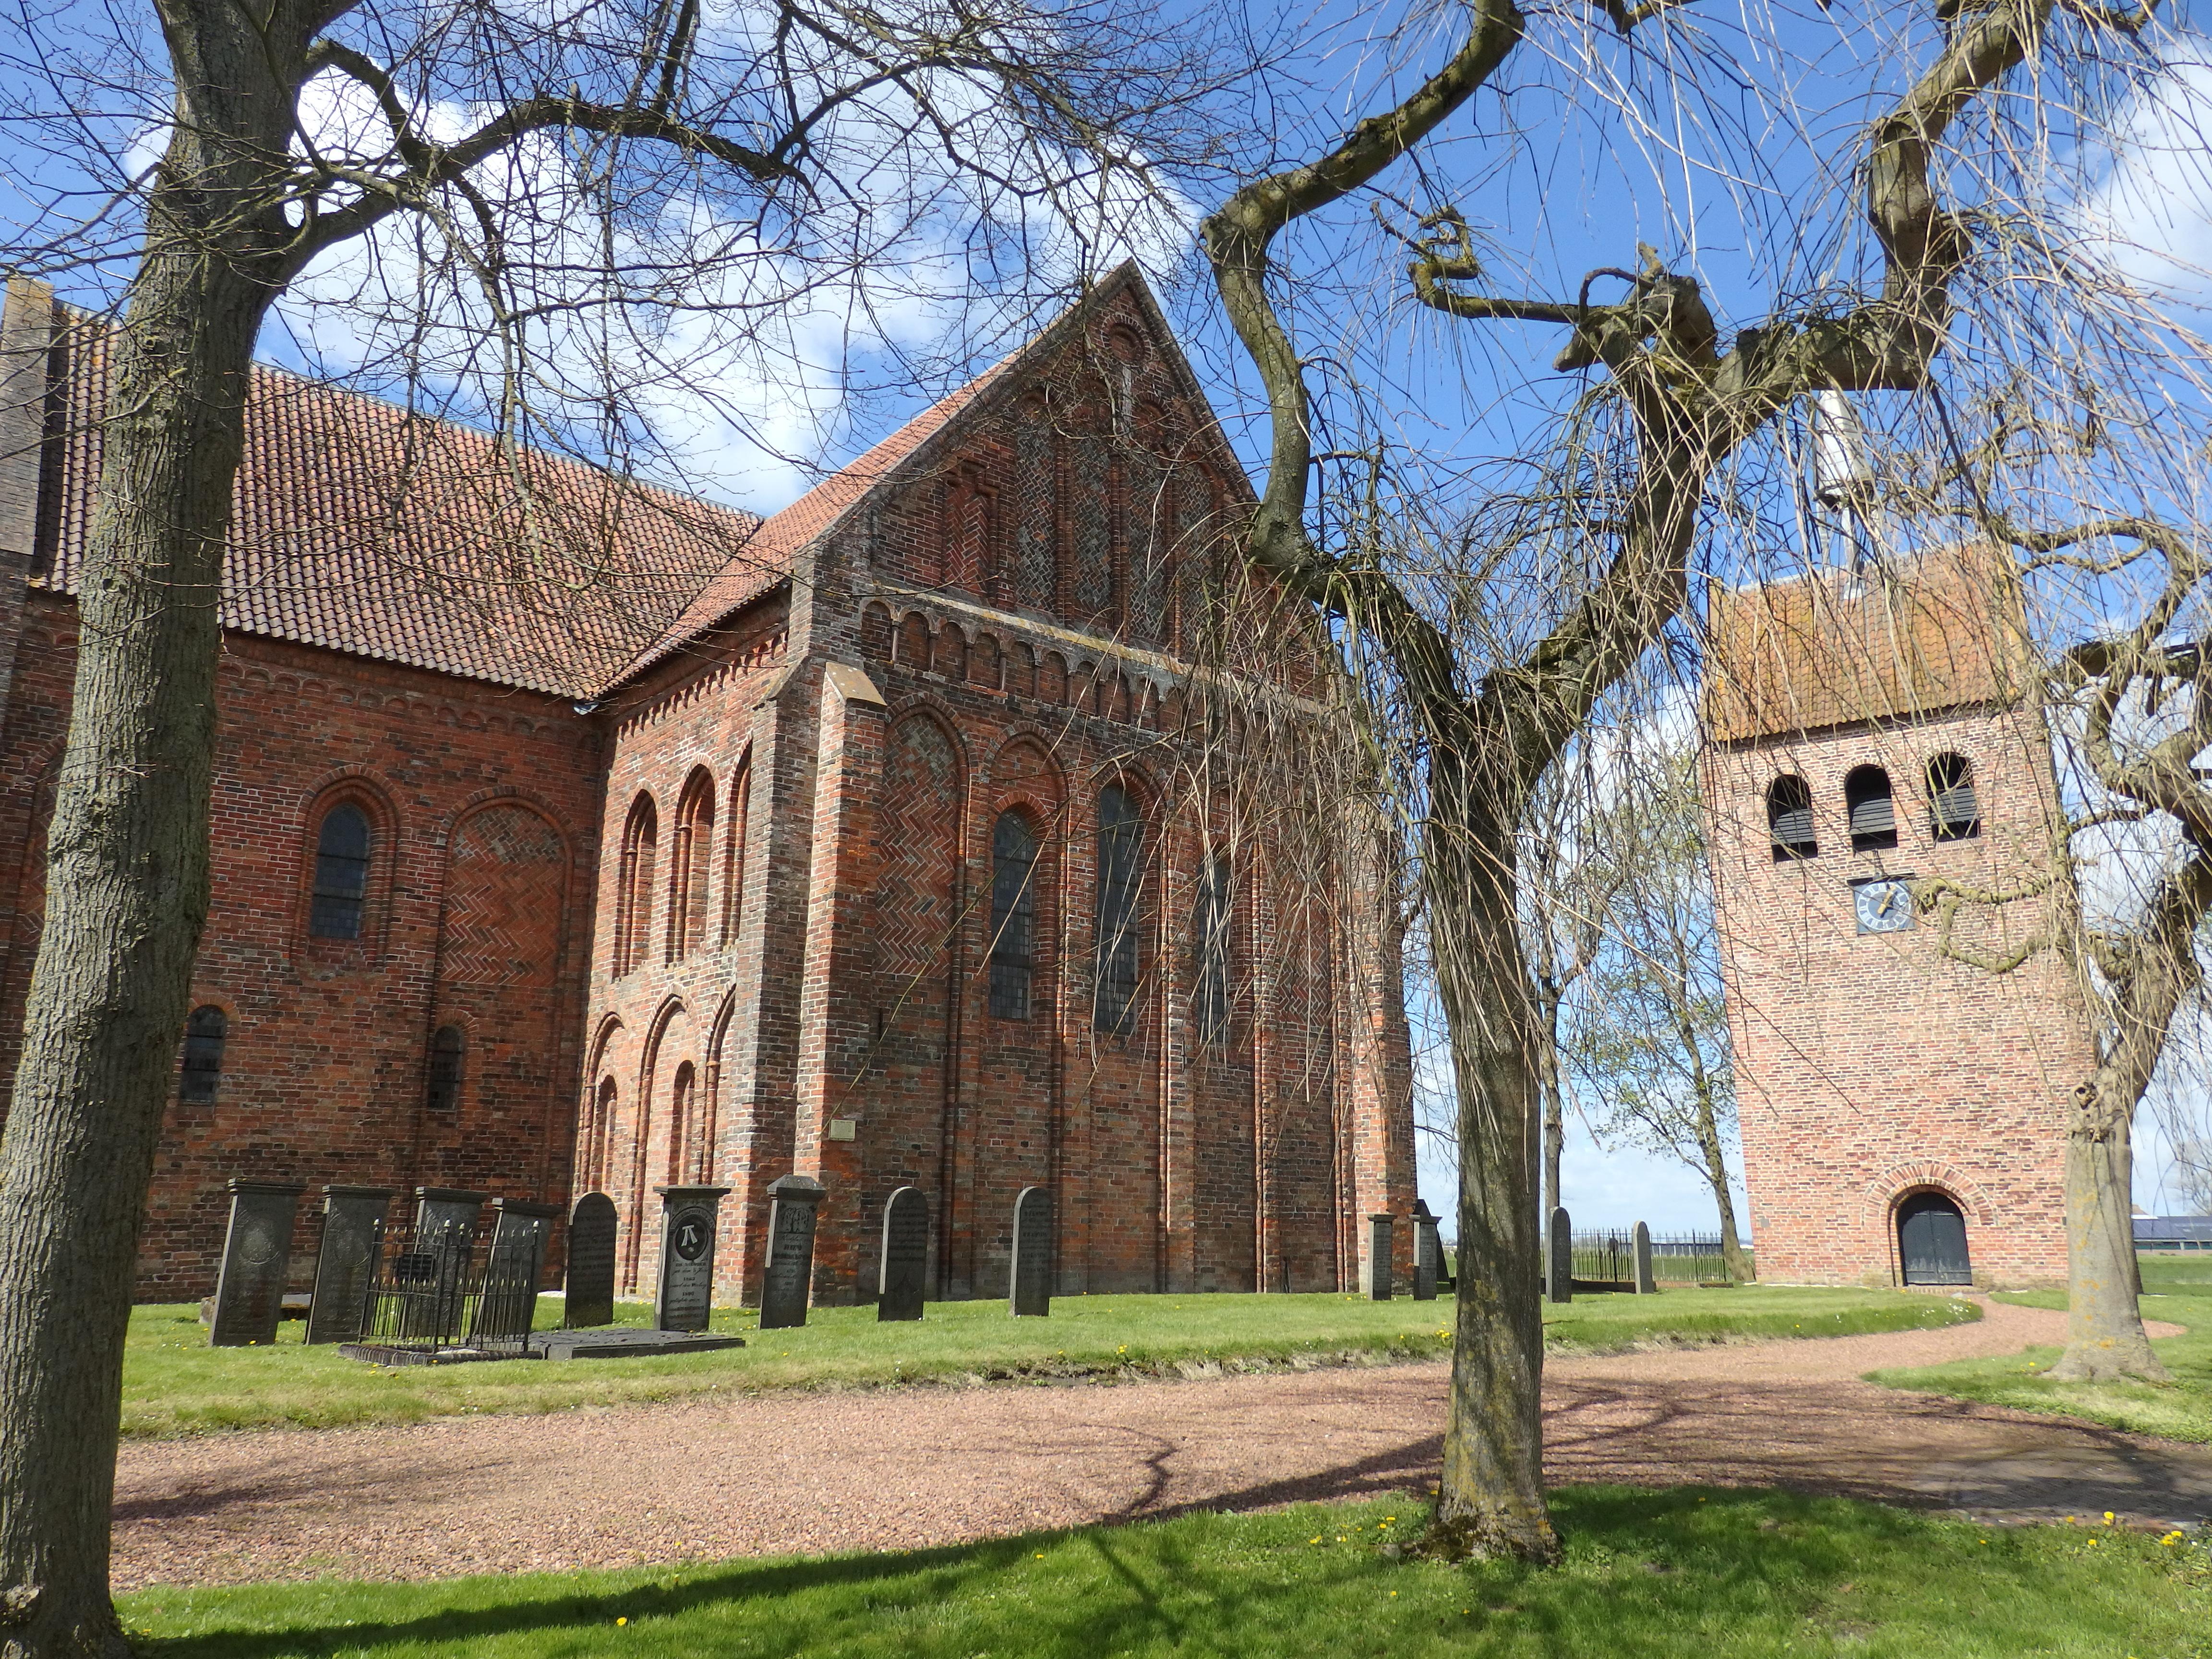 Garmerwolde church in Groningen province